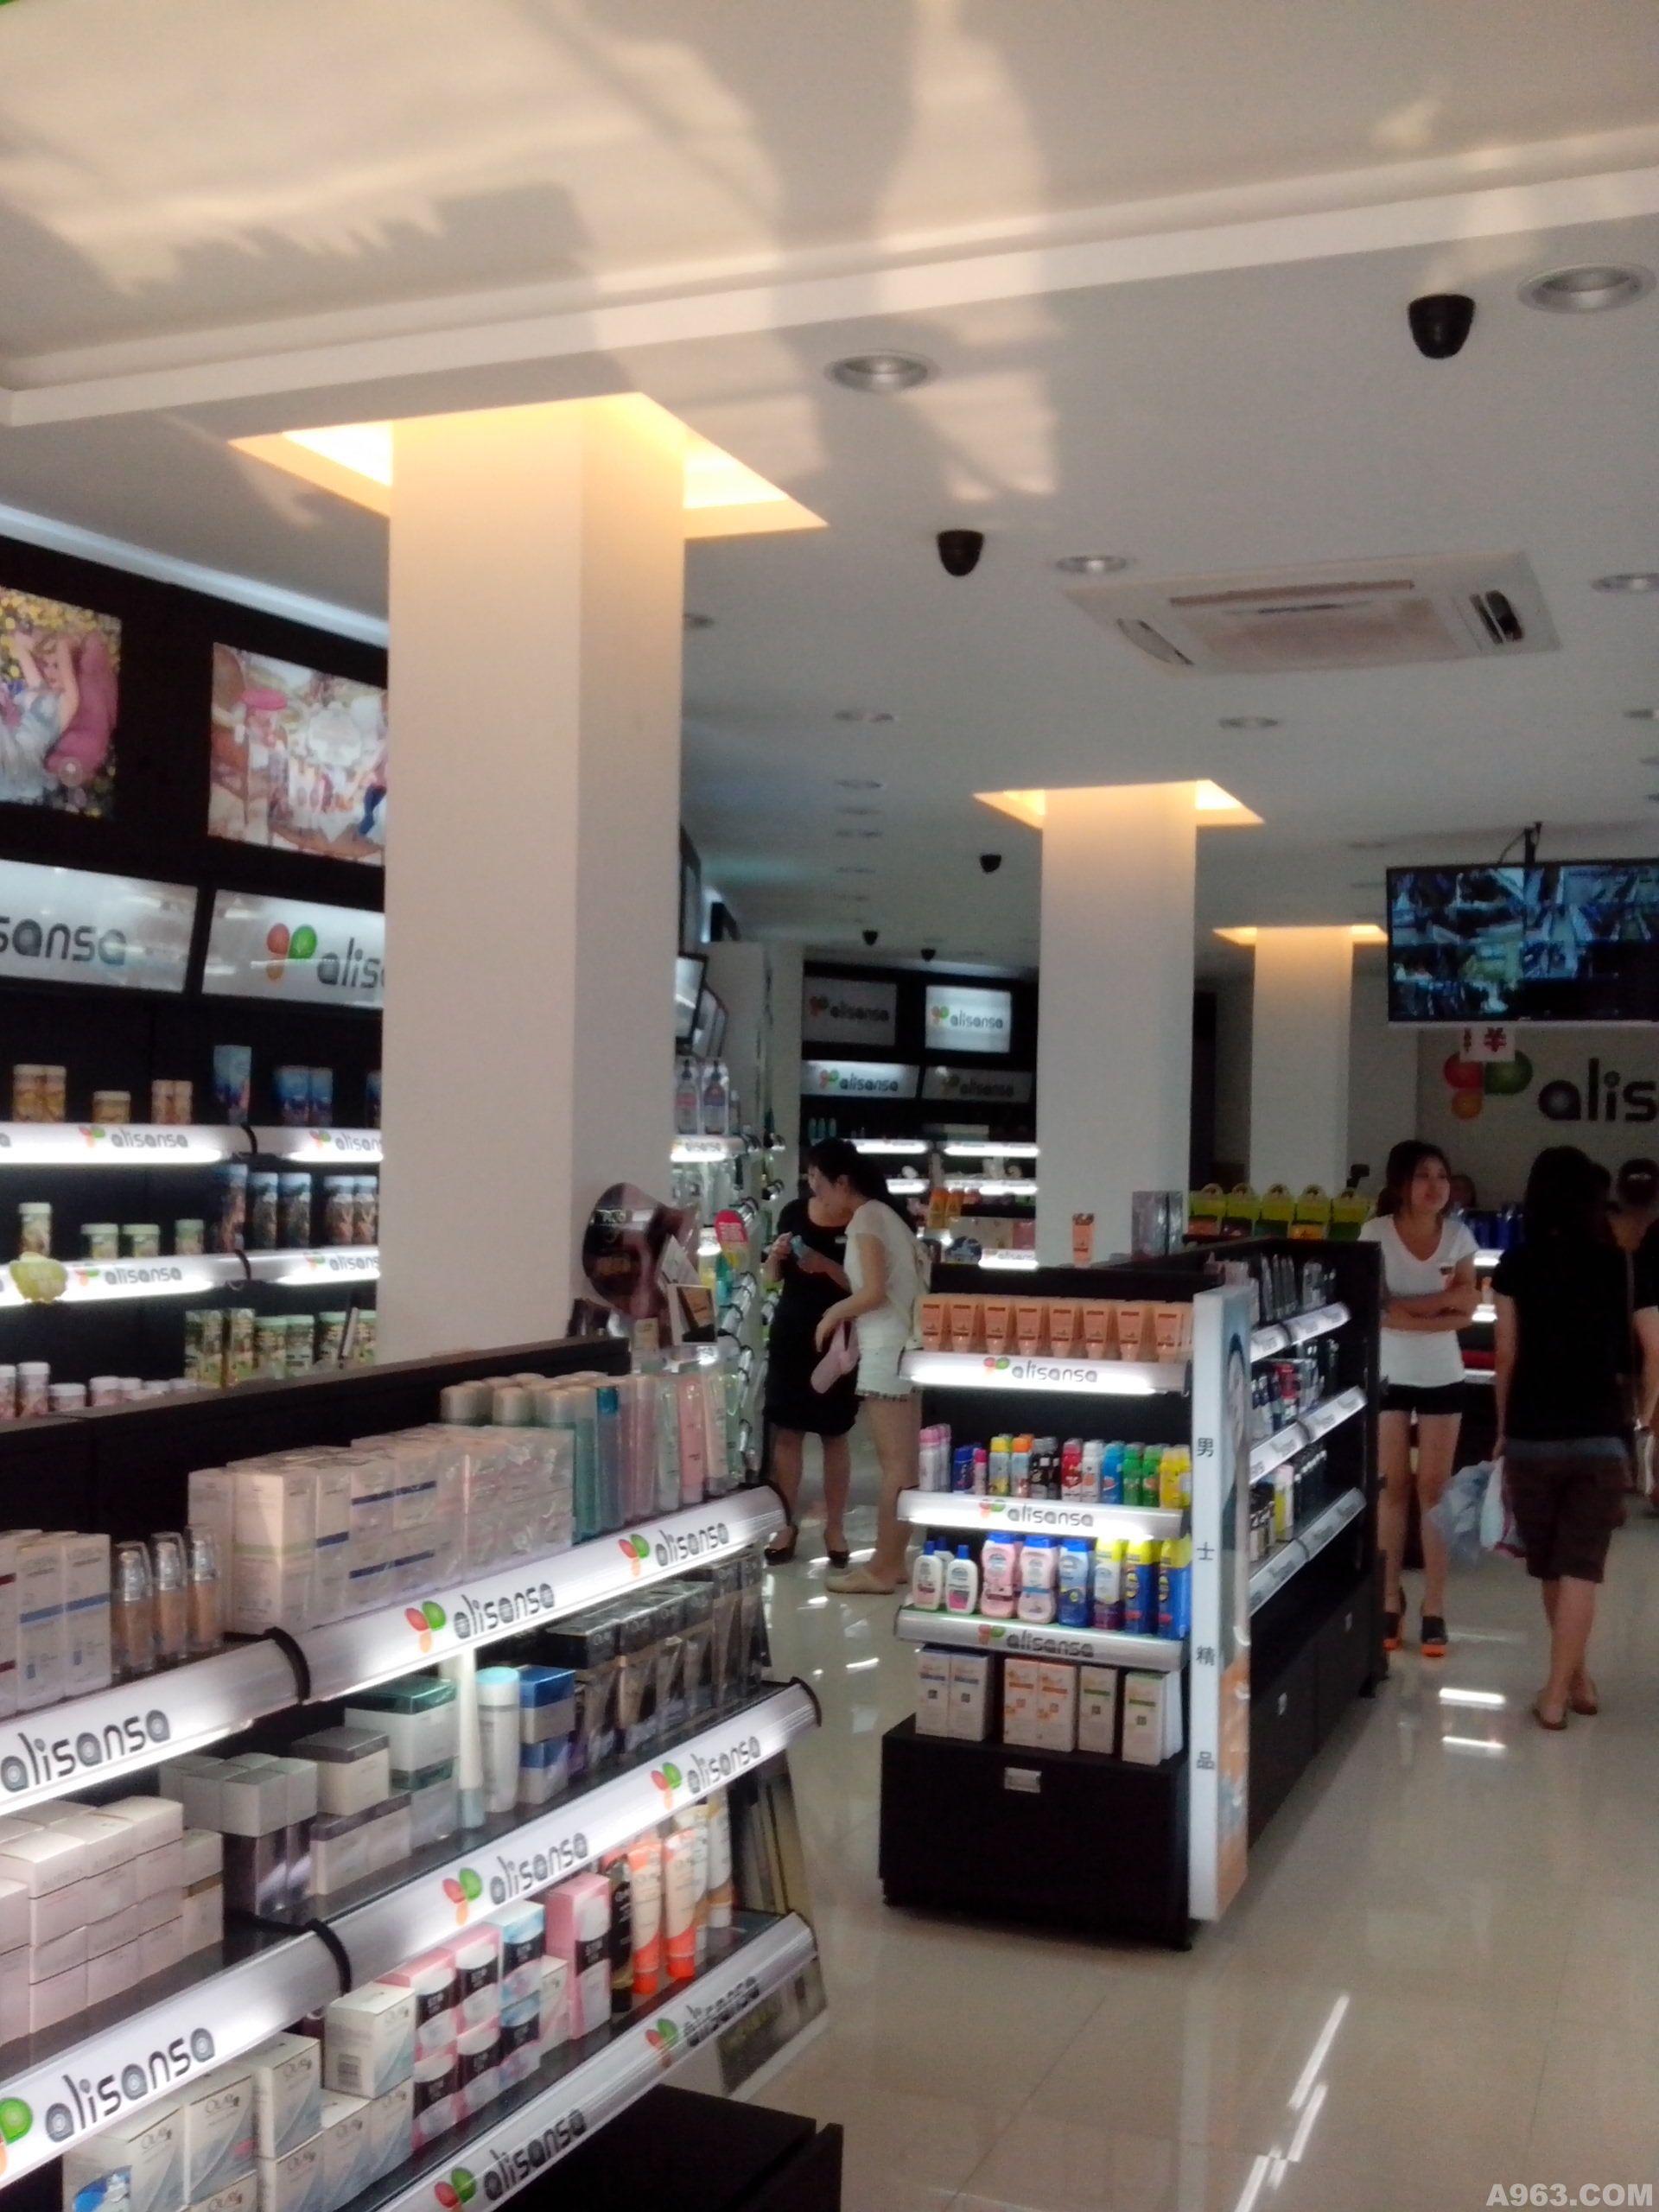 雅丽莎莎化妆品店